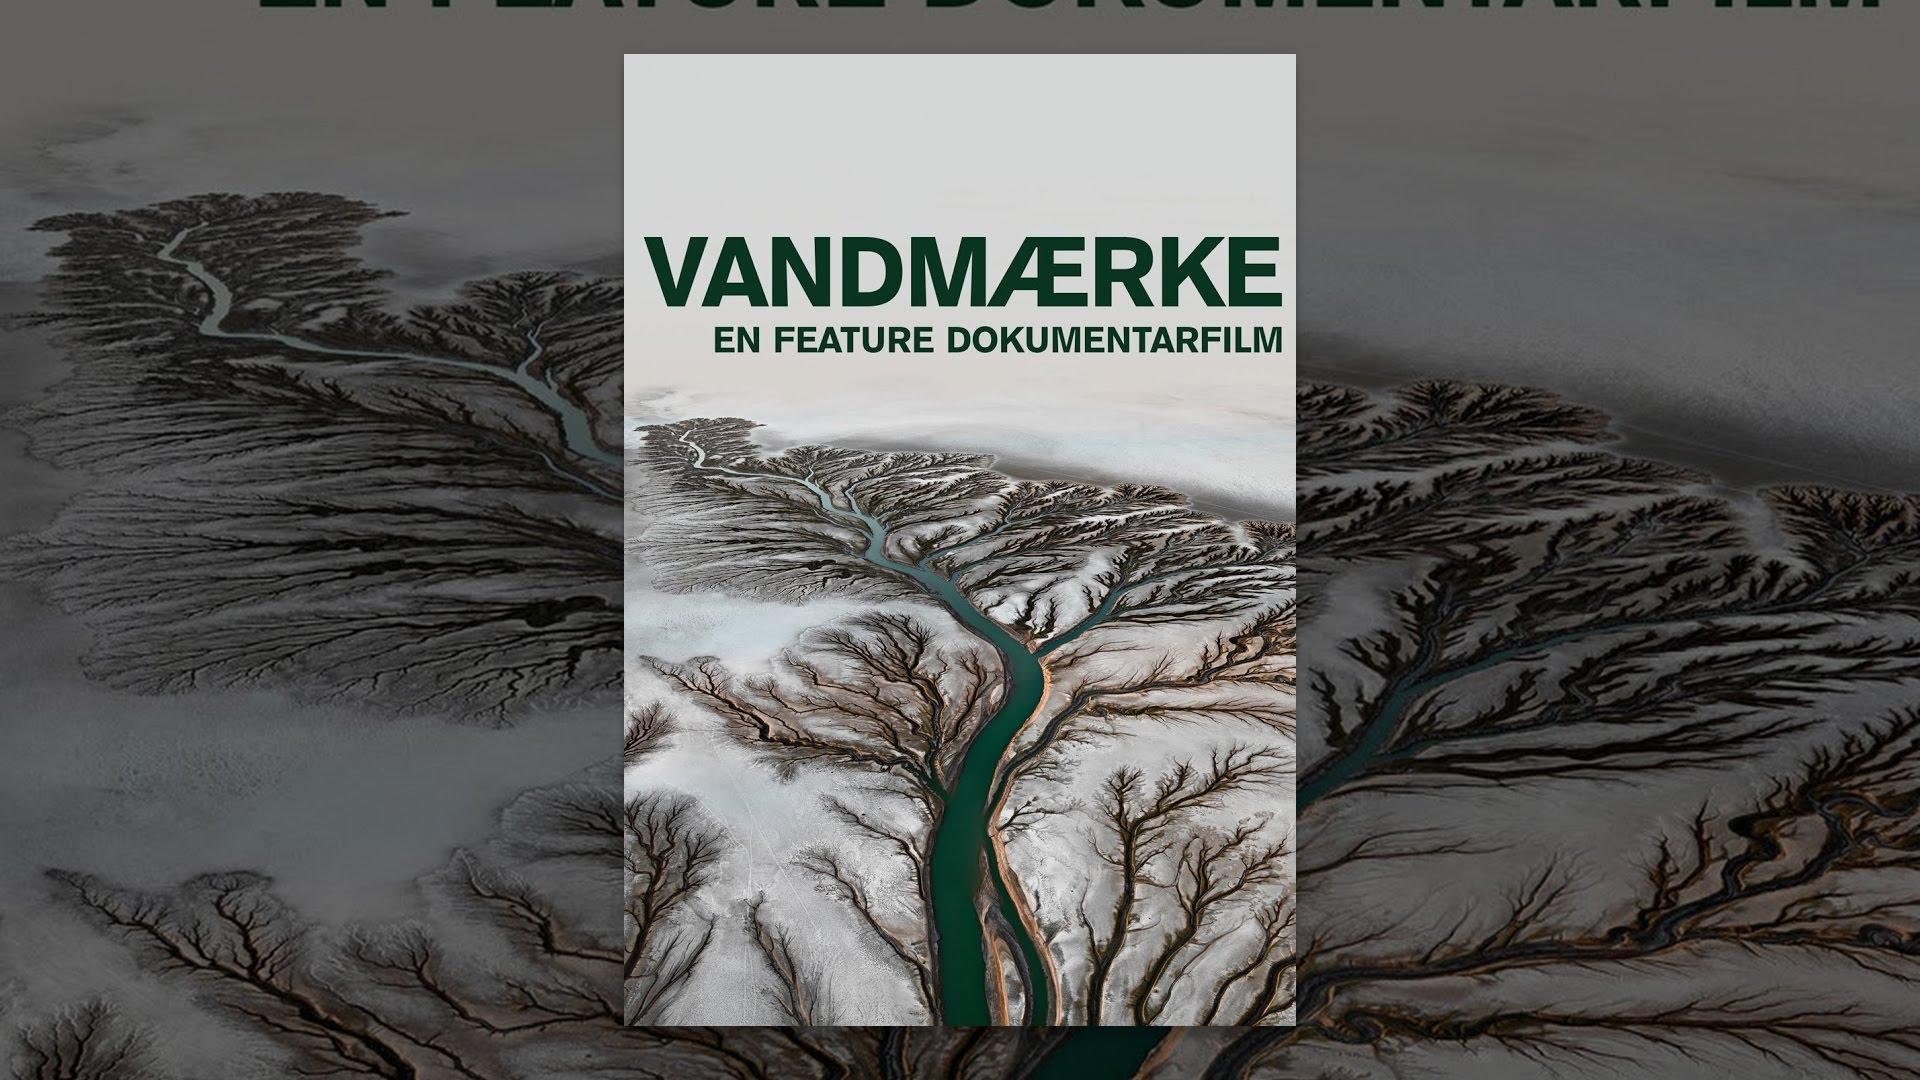 Vandmærke: en feature dokumentarfilm